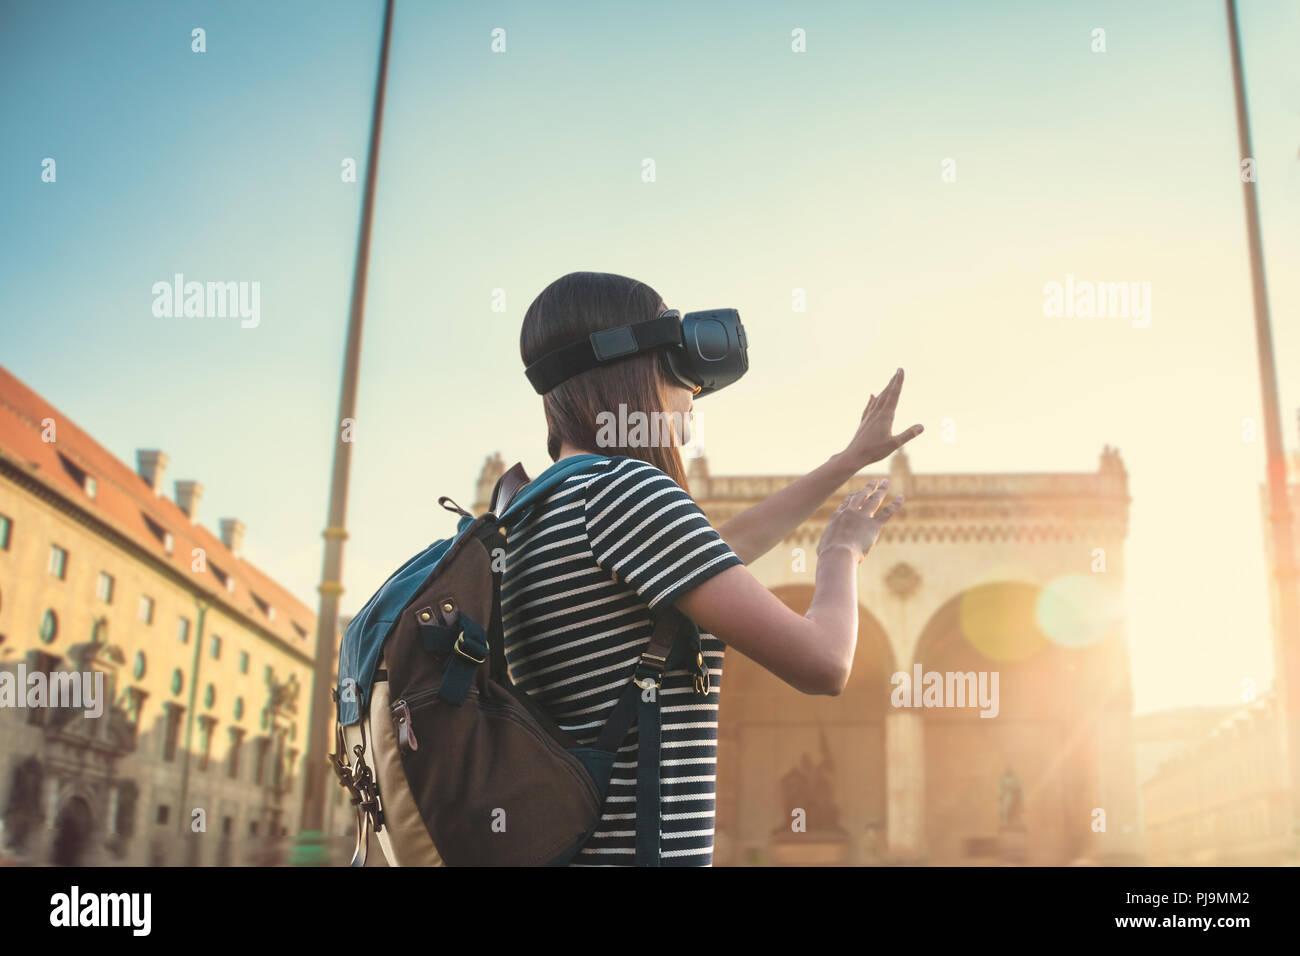 Girl'dans les verres la réalité virtuelle. Voyage virtuel à l'Allemagne. Le concept de tourisme virtuel. Dans l'arrière-plan est le carré sur Leopoldstrasse à Munich. Photo Stock